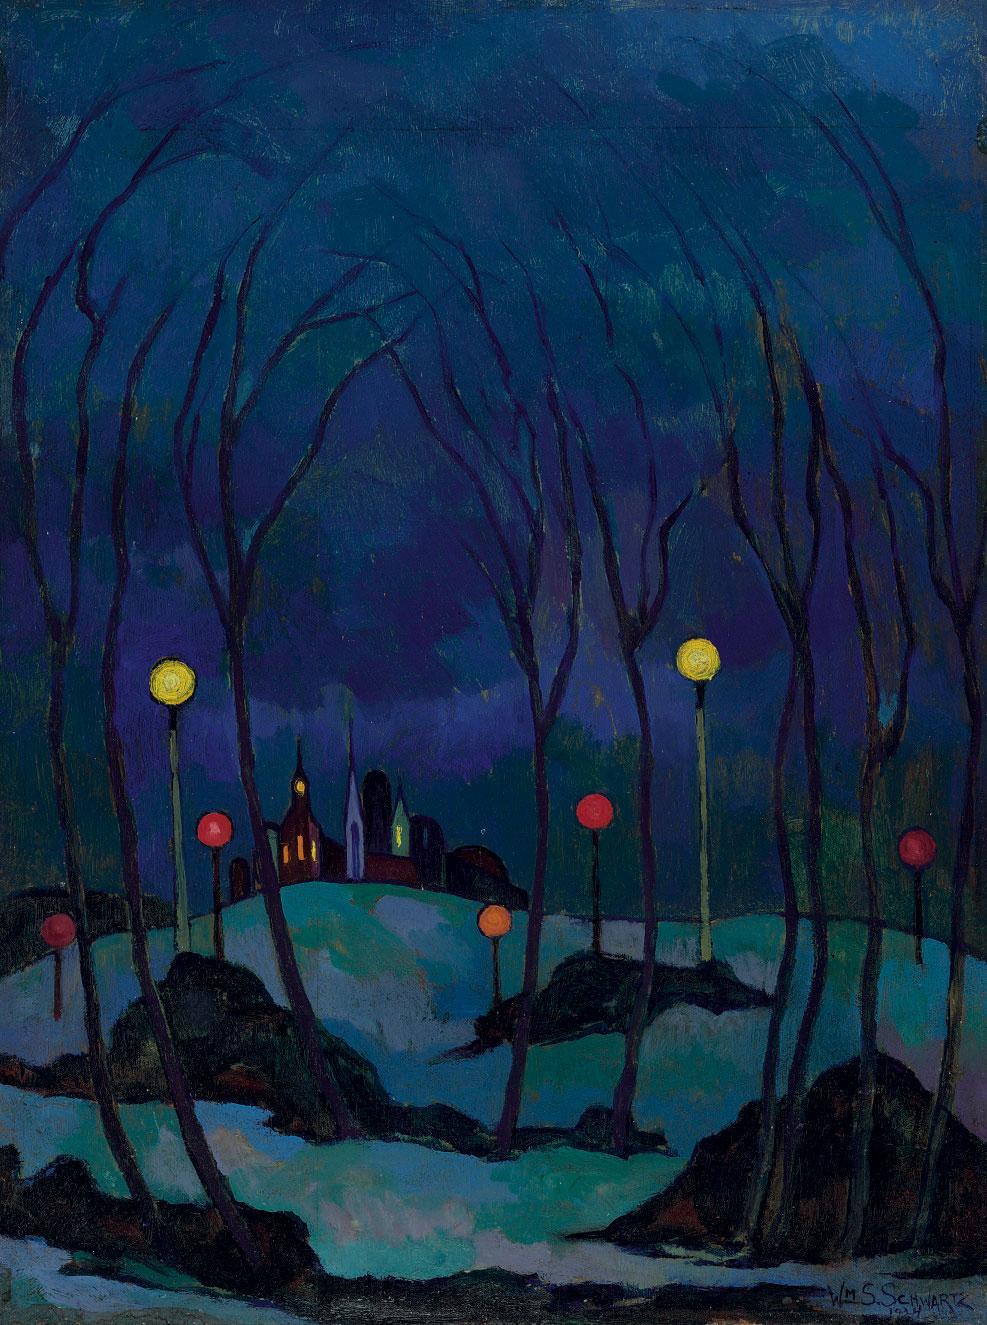 William S. Schwartz: Romantic Modernist by Yen Azzaro